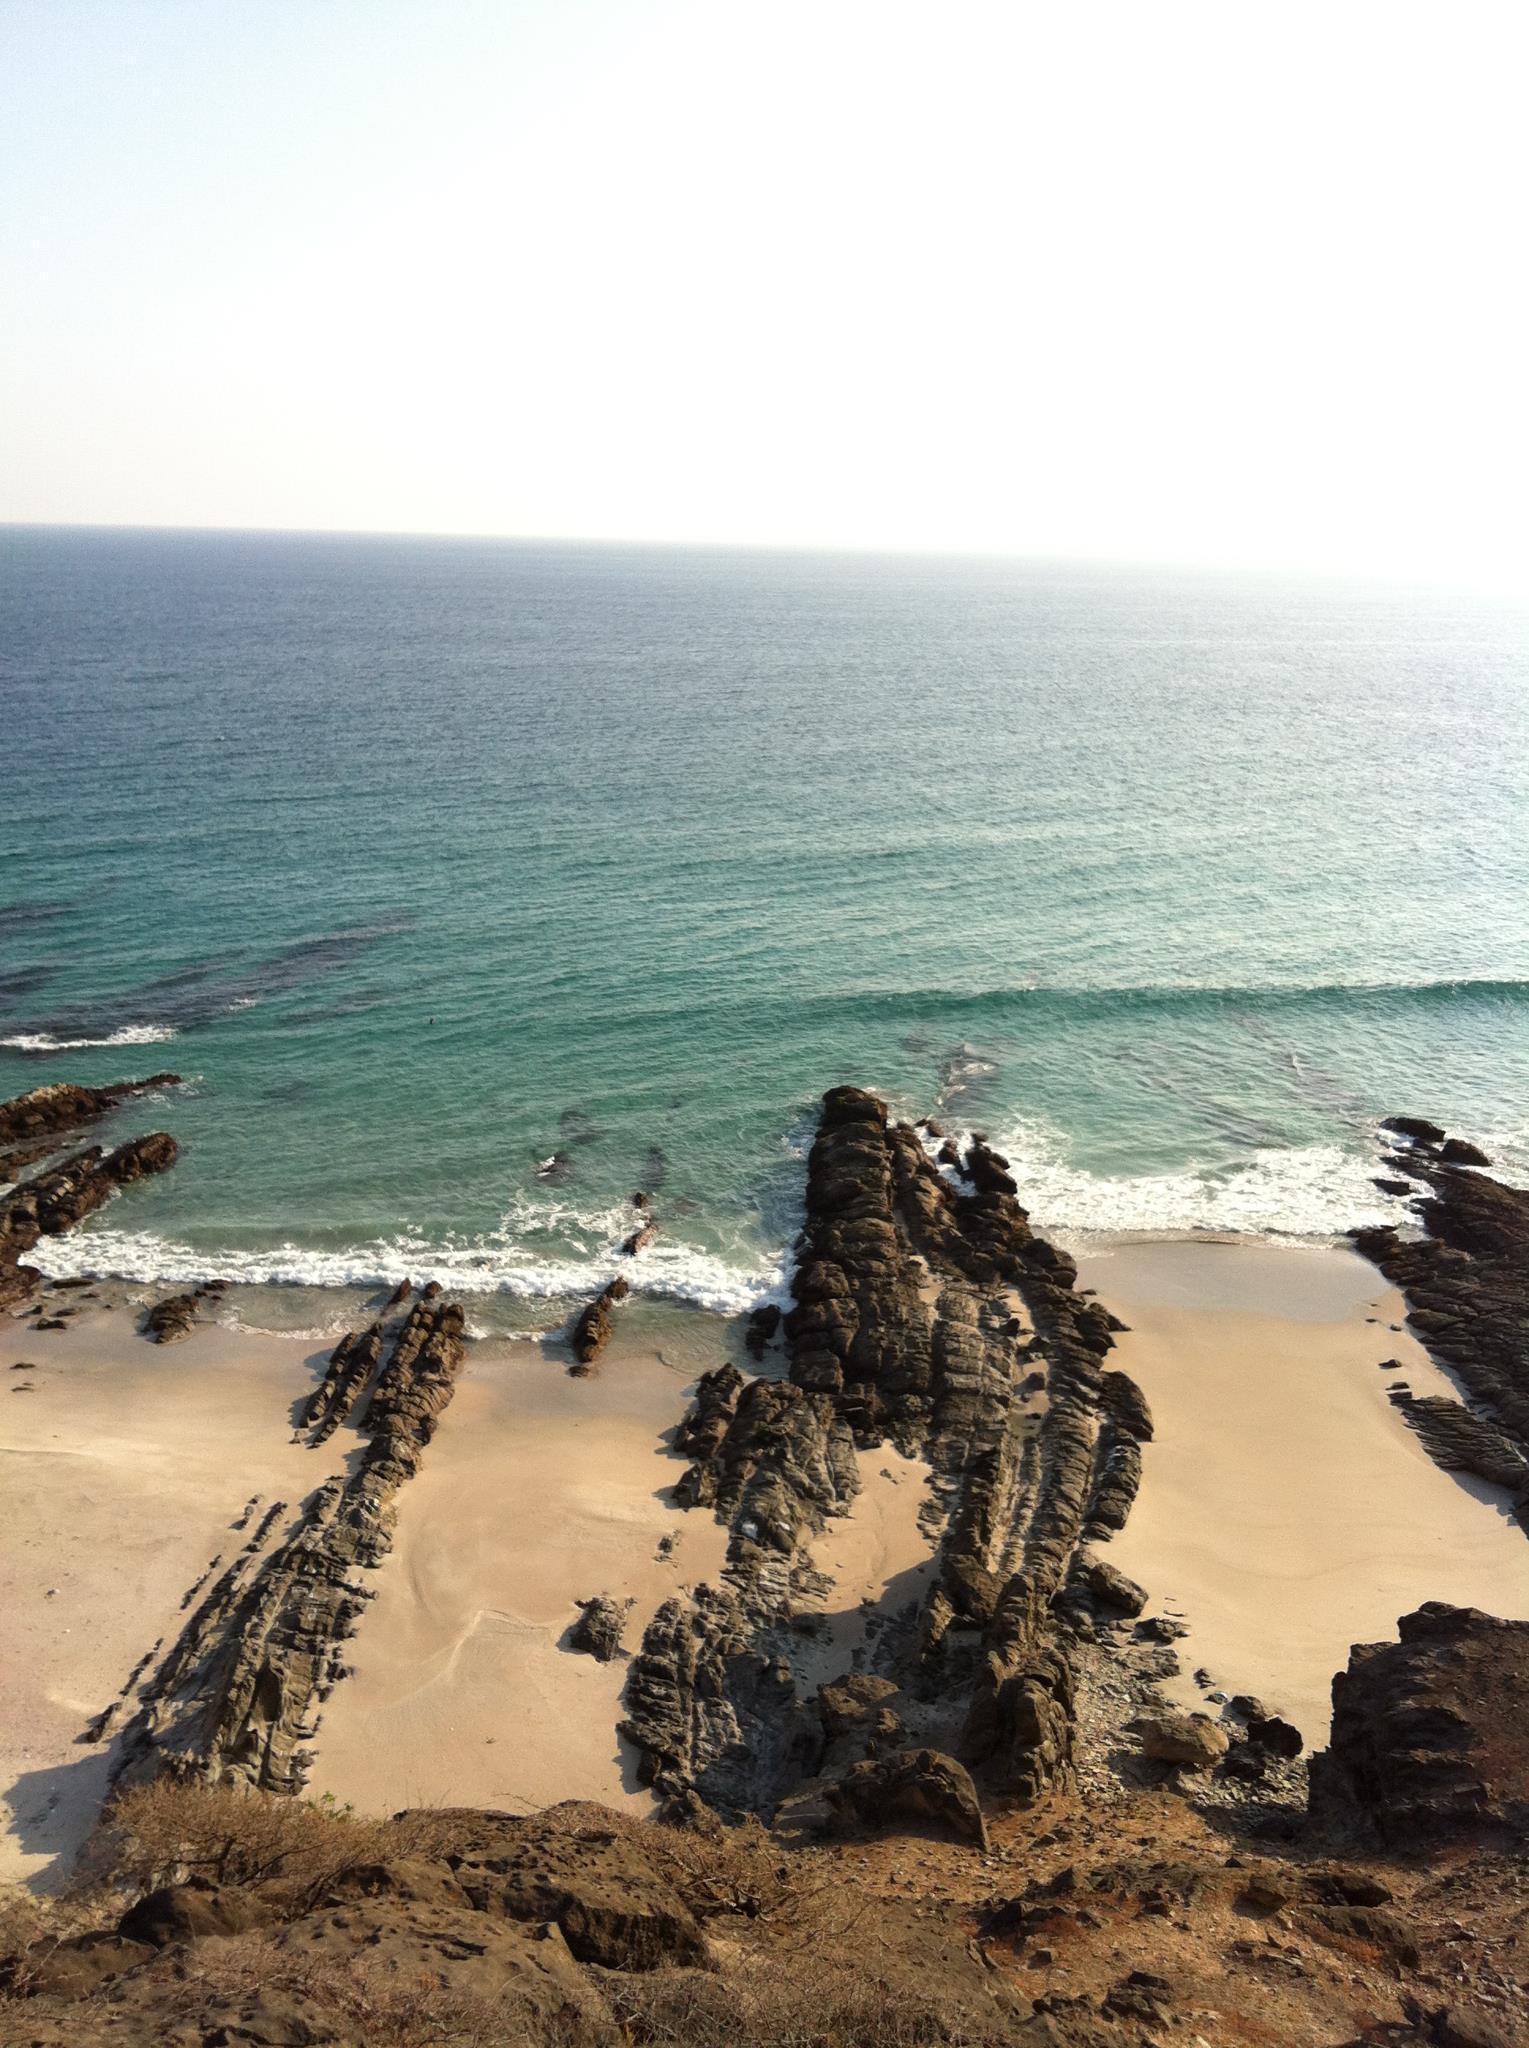 شاطئ الحوطة بولاية رخيوت Size:402.00 Kb Dim: 1529 x 2048